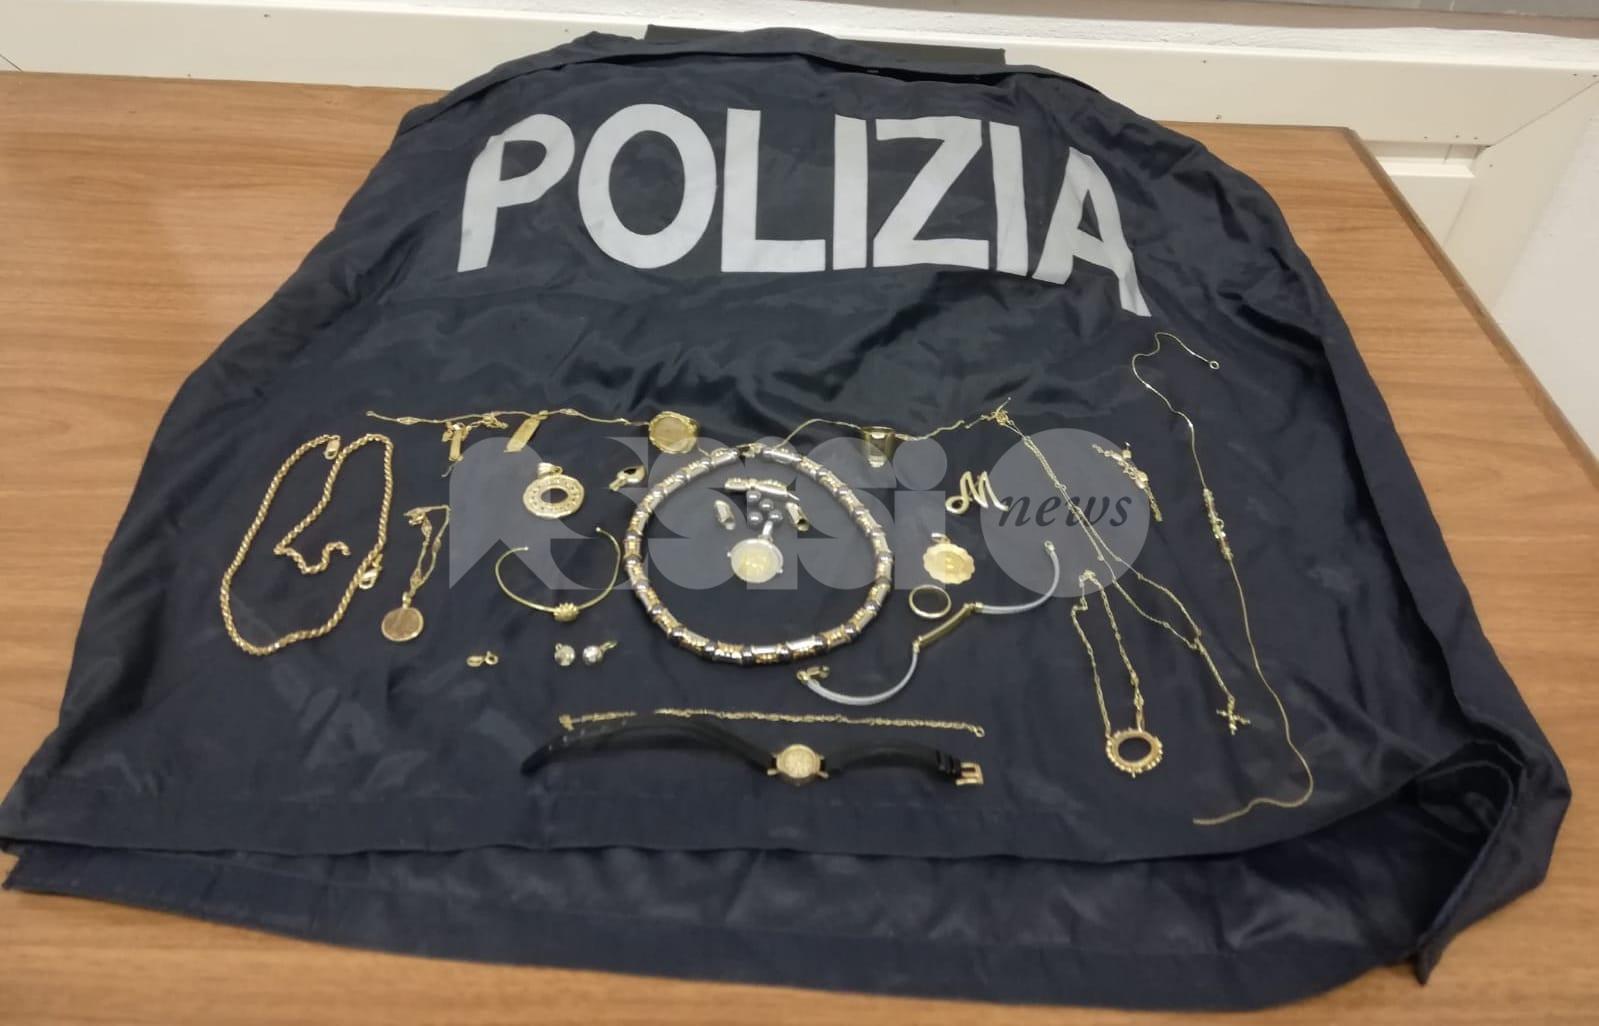 Monili d'oro rubati, la Polizia ritrova alcuni dei proprietari